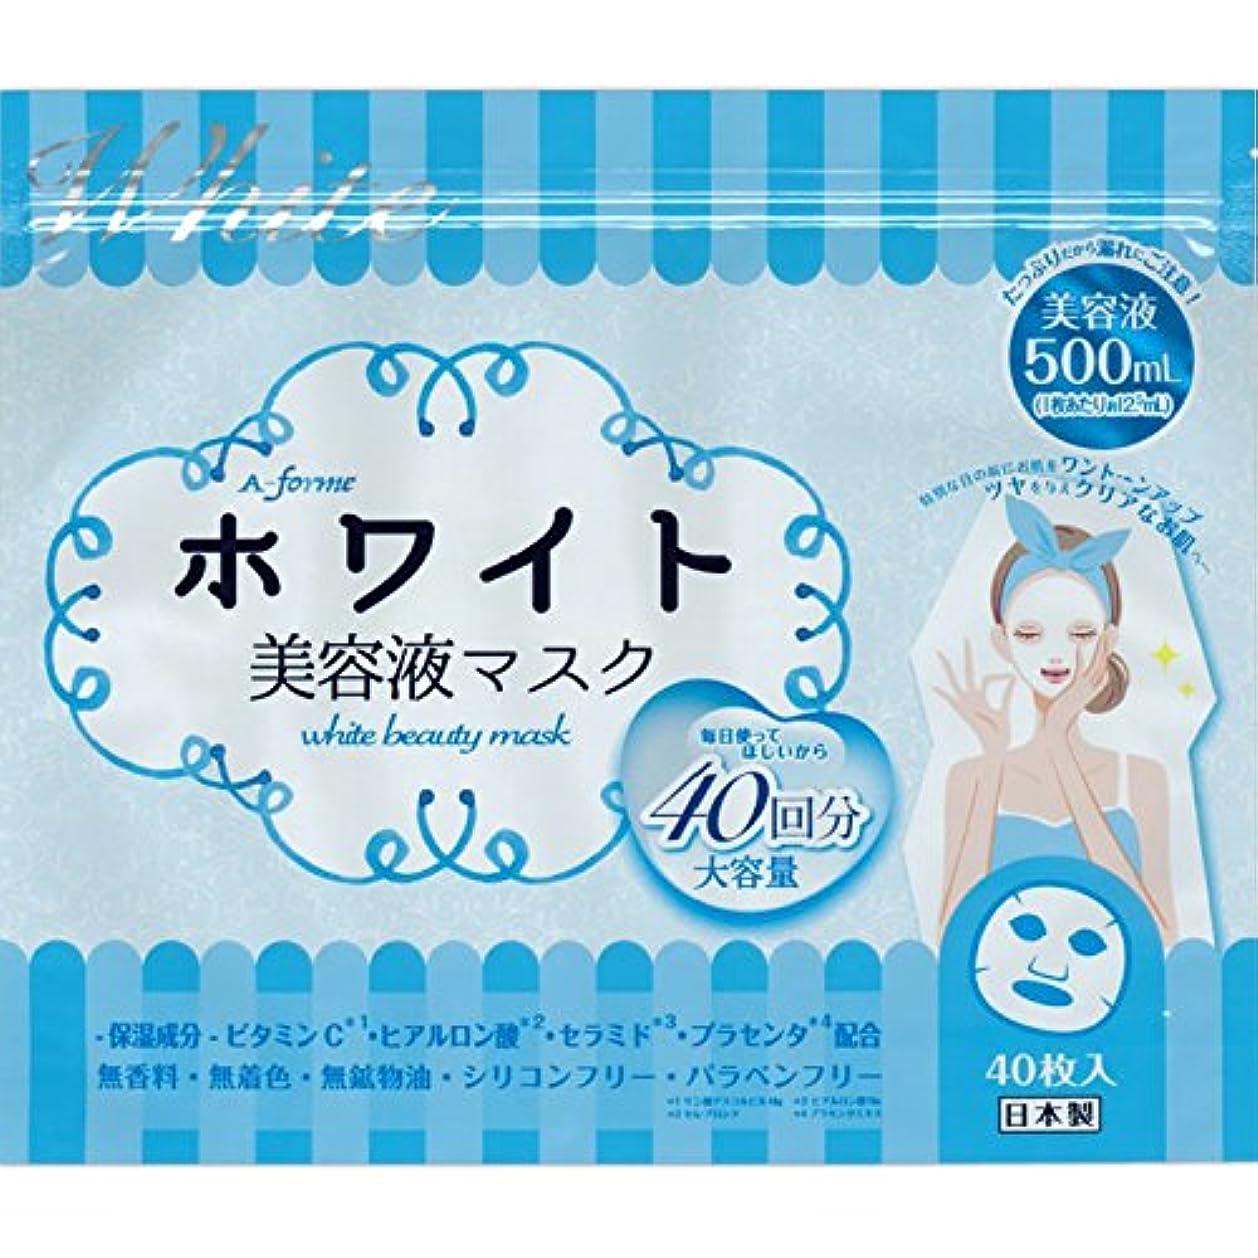 グレートバリアリーフ人工的な天のエーフォルム ホワイト美容液マスク40枚×5